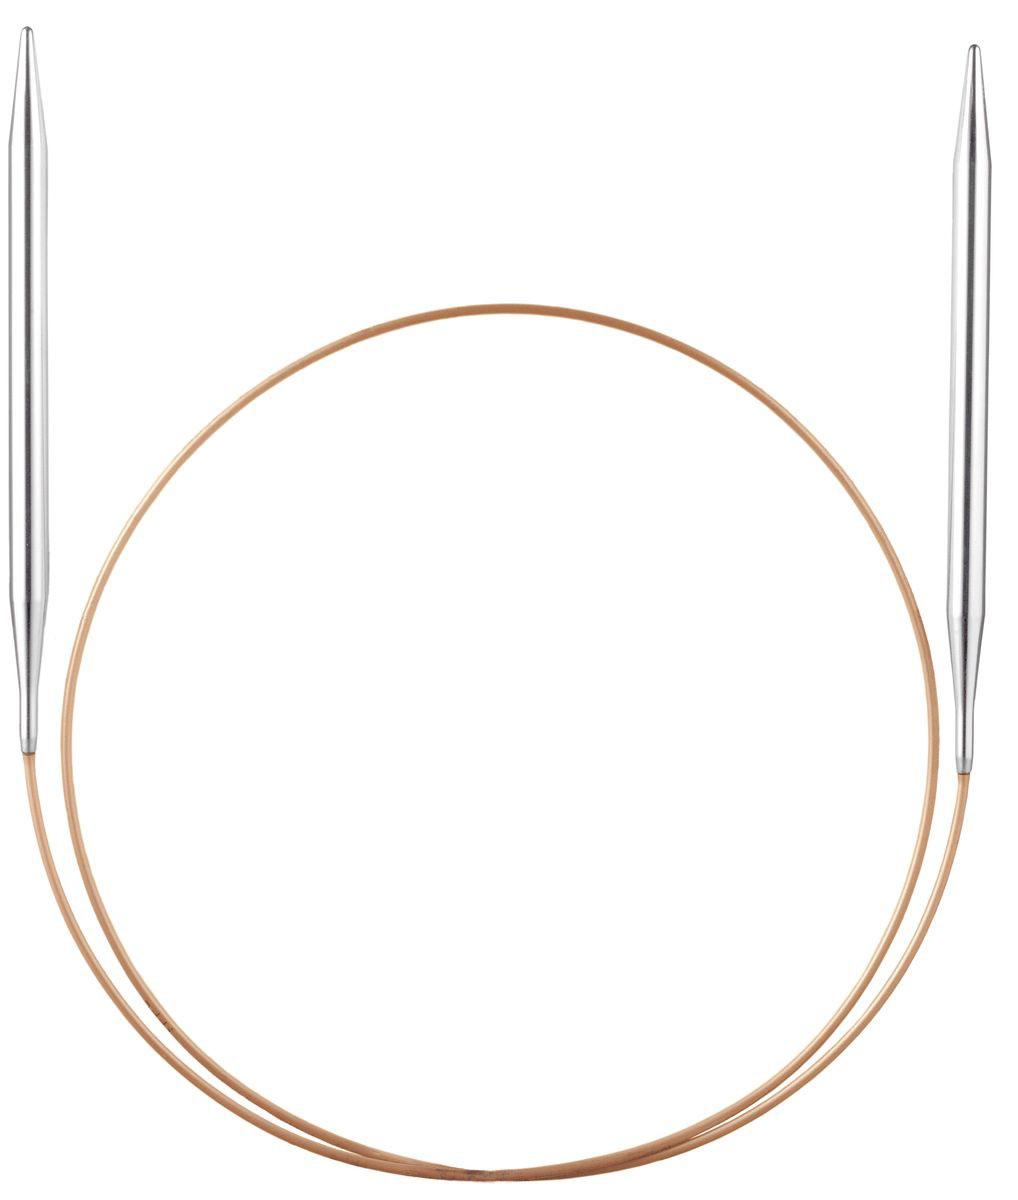 Спицы круговые Addi, супергладкие, диаметр 5,5 мм, длина 80 см105-7/5.5-80Спицы Addi, изготовленные из никеля, прекрасно подойдут для вязания изделий без швов. Короткими круговыми спицами вяжут бейки горловины, шапки и варежки, длинными спицами можно вязать по кругу целые модели, например, свитера и пуловеры. Полые и очень легкие спицы с удлиненным кончиком скреплены гибкой леской. Гладкое покрытие и тонкие переходы от спицы к леске позволяют пряже легче скользить. Малый вес изделия убережет ваши руки от усталости при вязании. Вы сможете вязать для себя, делать подарки друзьям. Работа, сделанная своими руками, долго будет радовать вас и ваших близких.